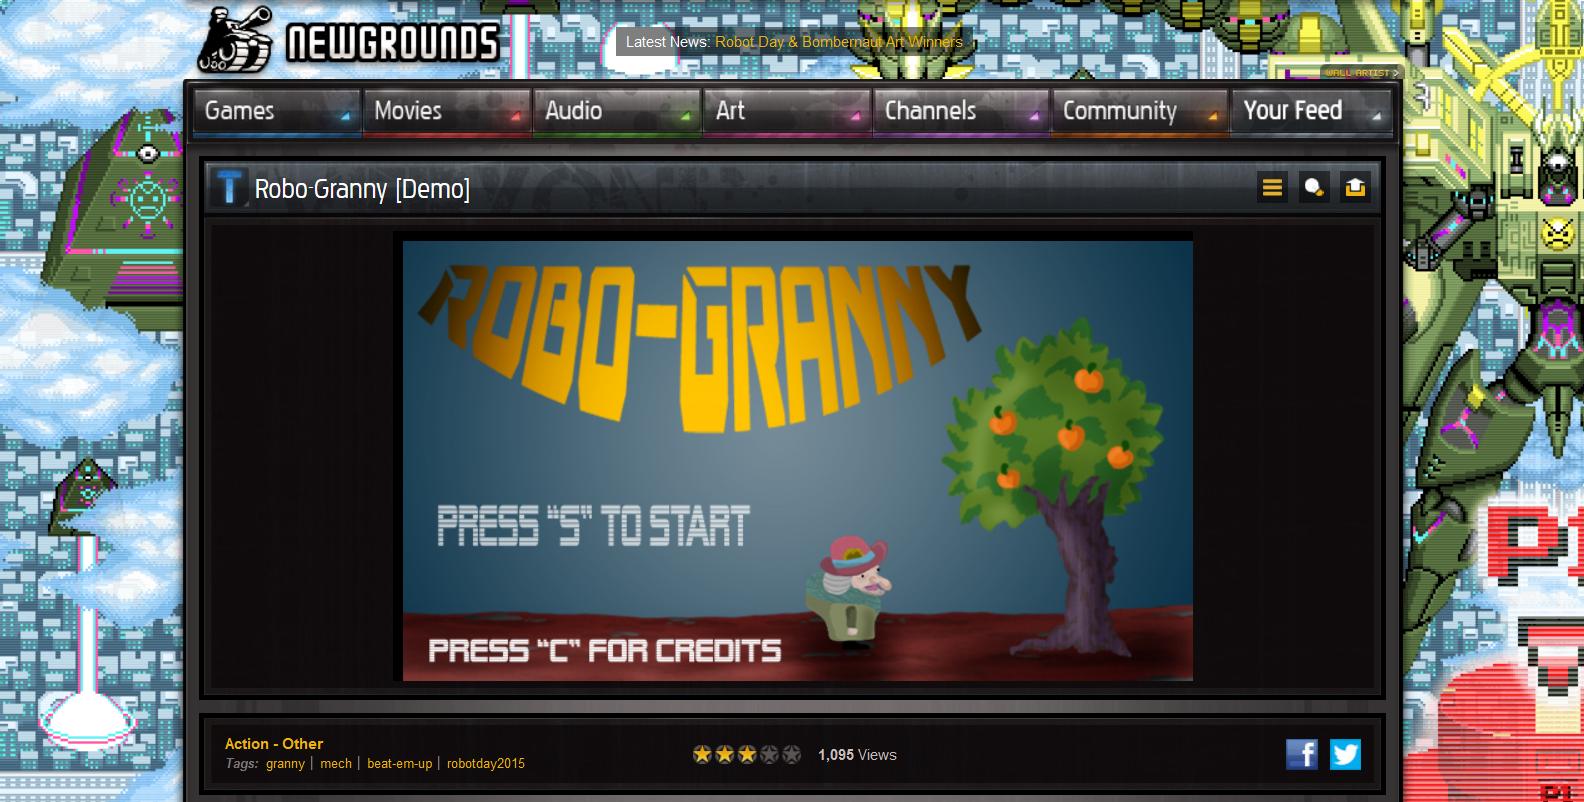 Robo-Granny